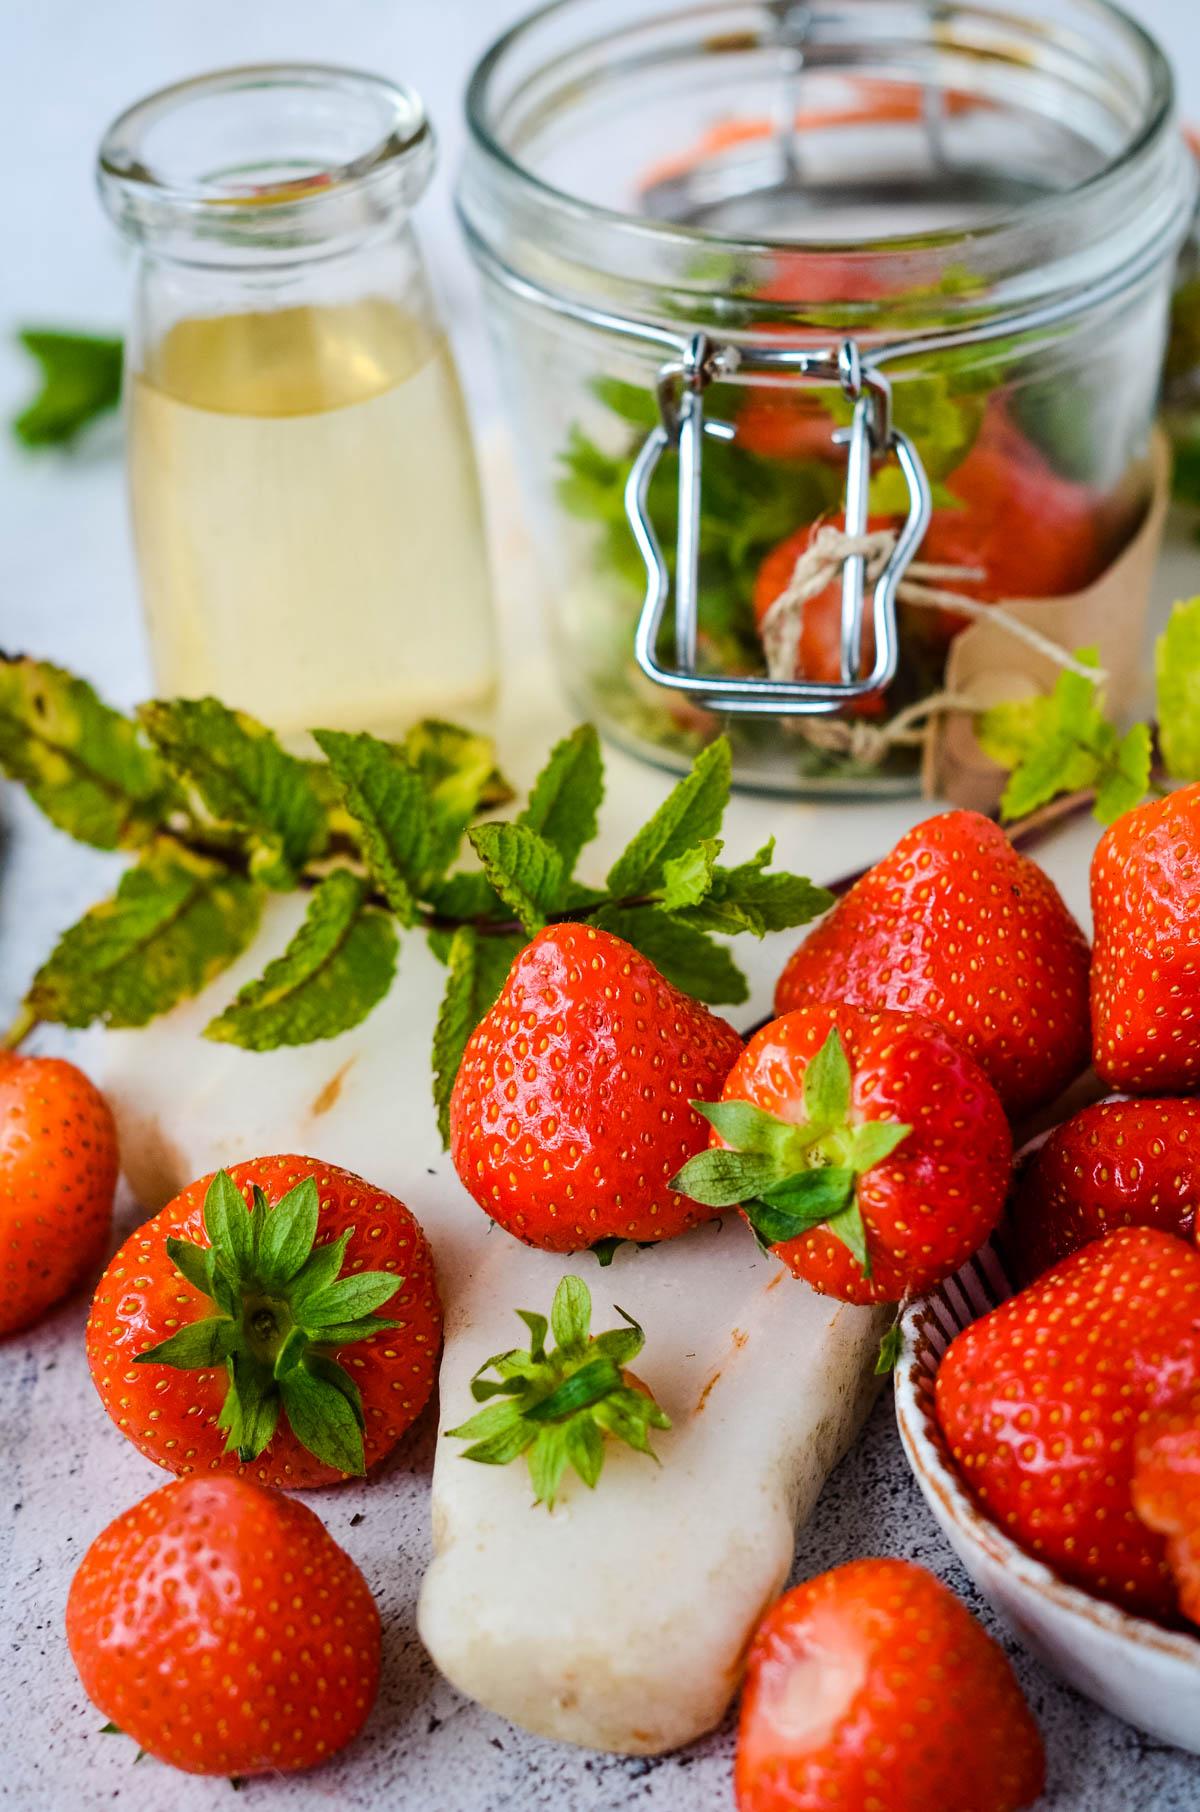 ingredients - strawberries with leaves, mint and vinegar with jar behind